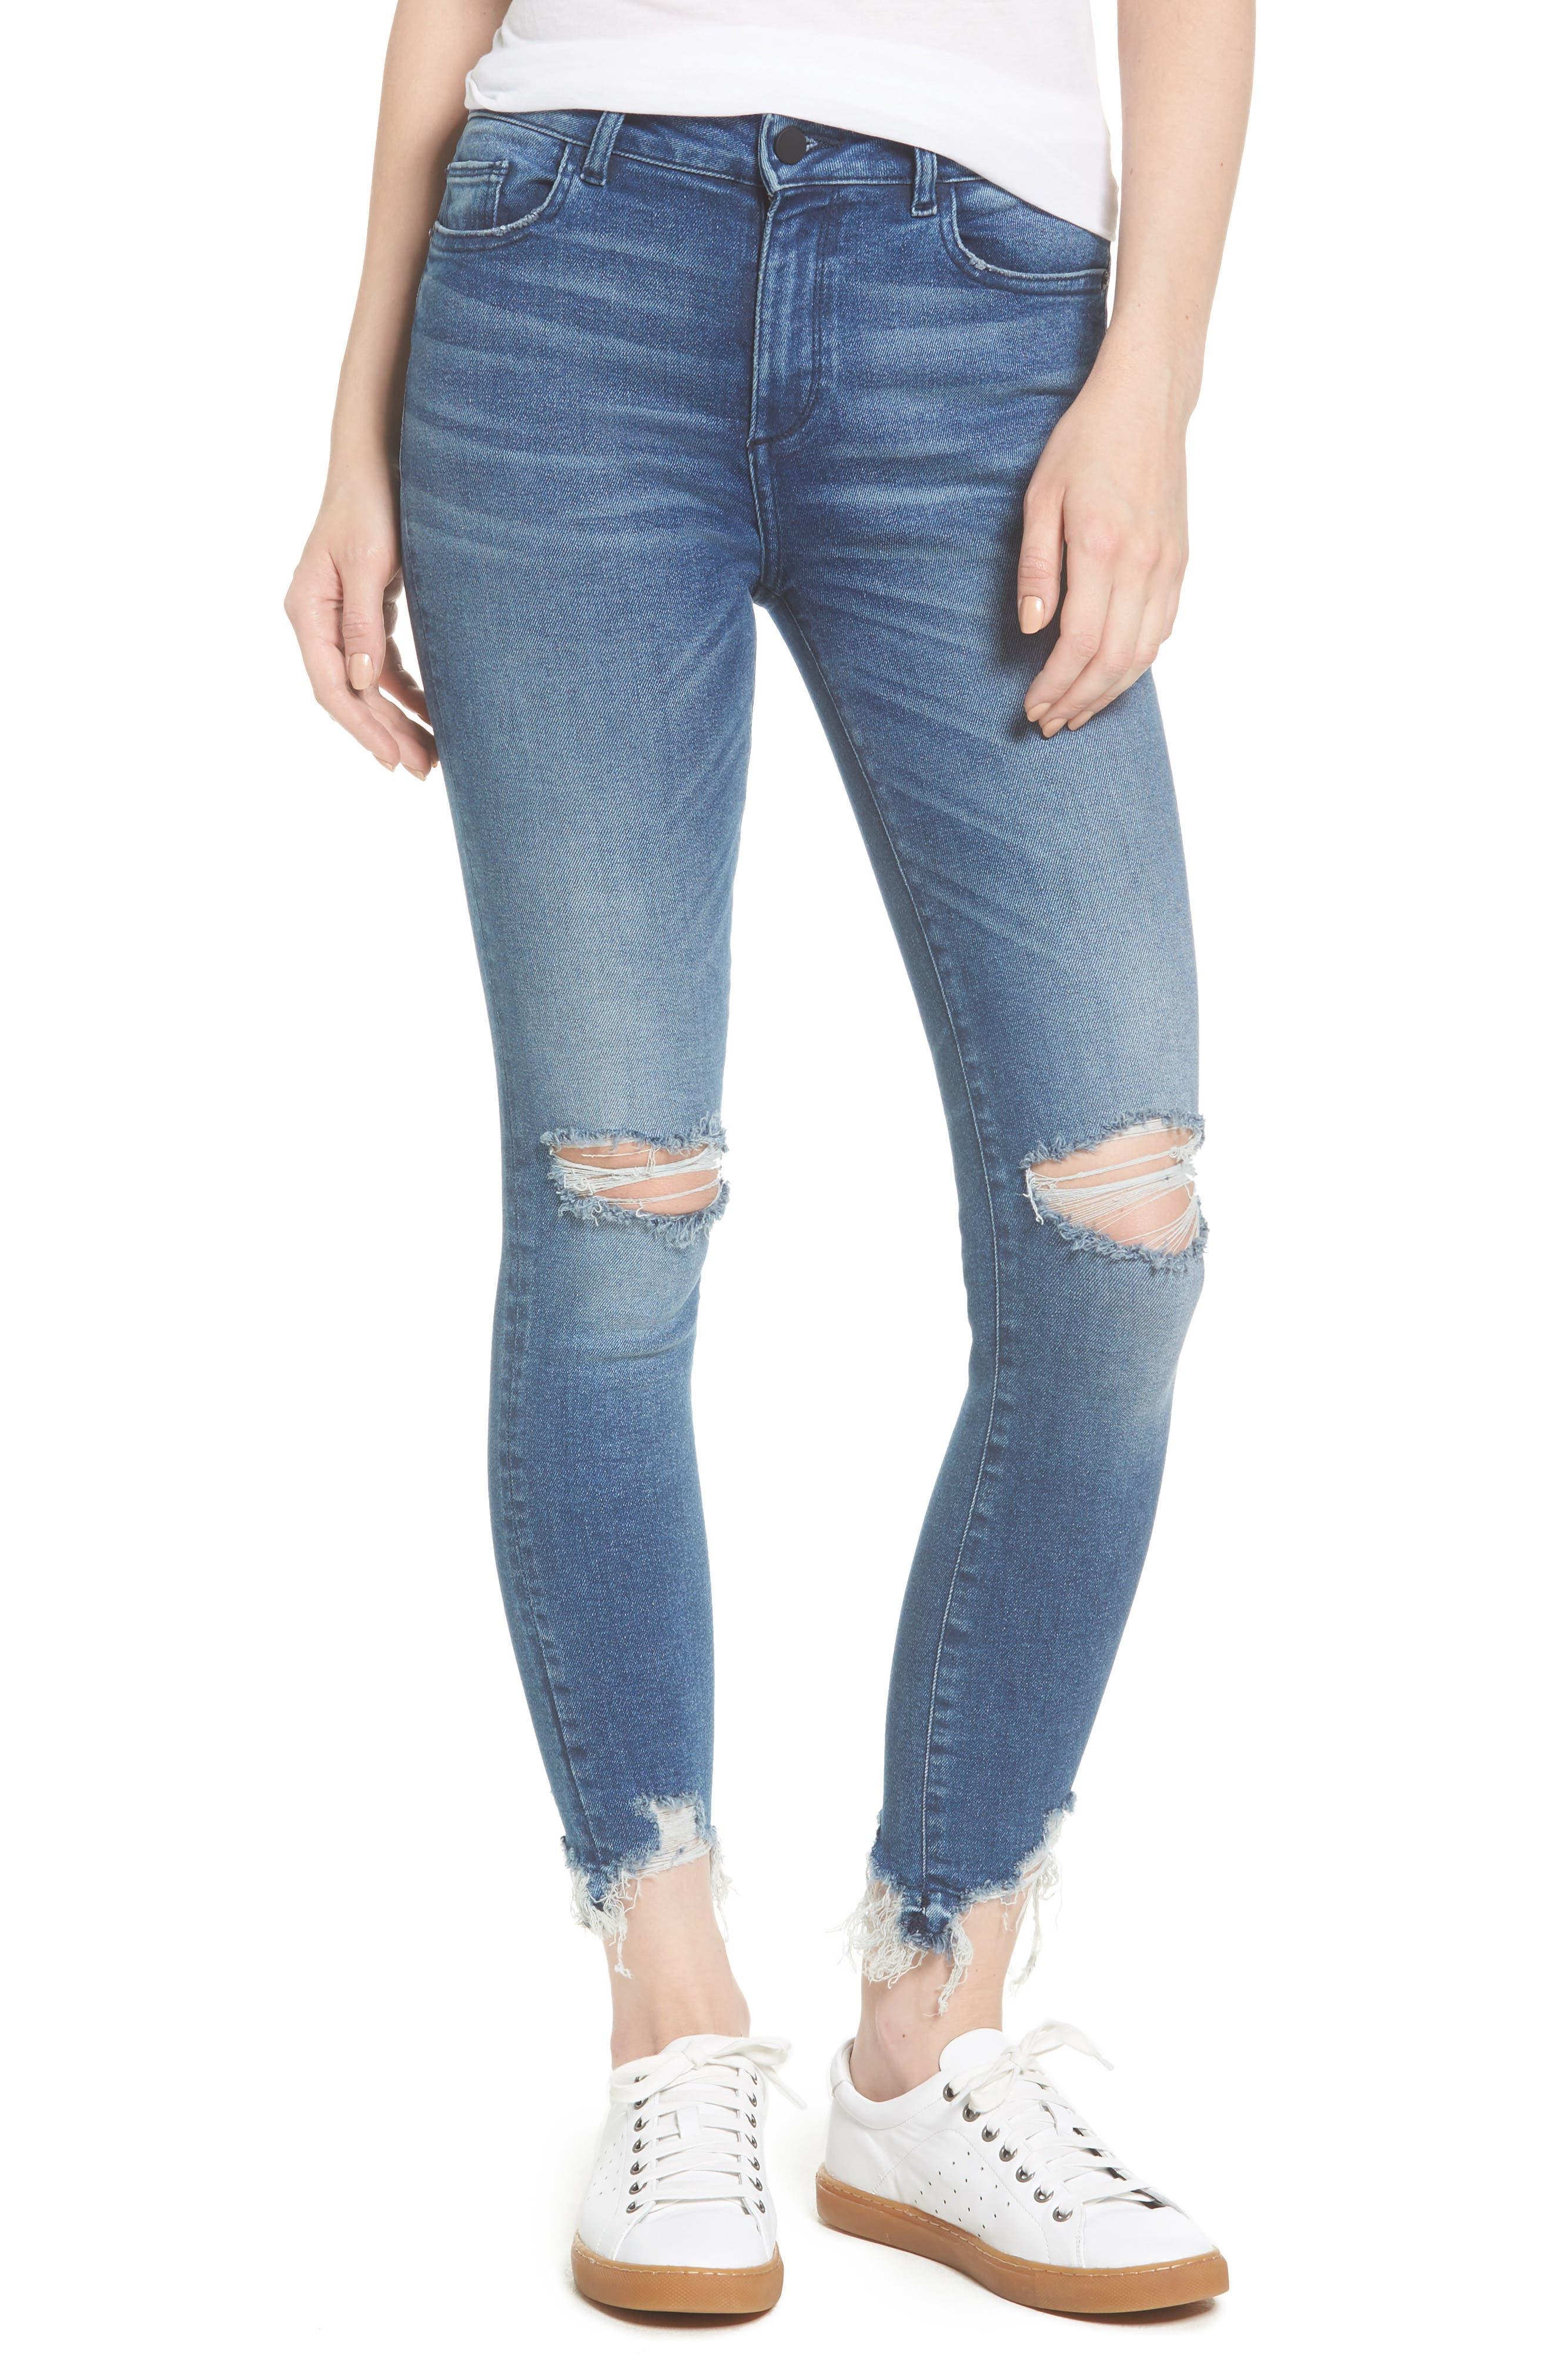 DL1961 Farrow Instaslim High Waist Ankle Skinny Jeans (Laramie)